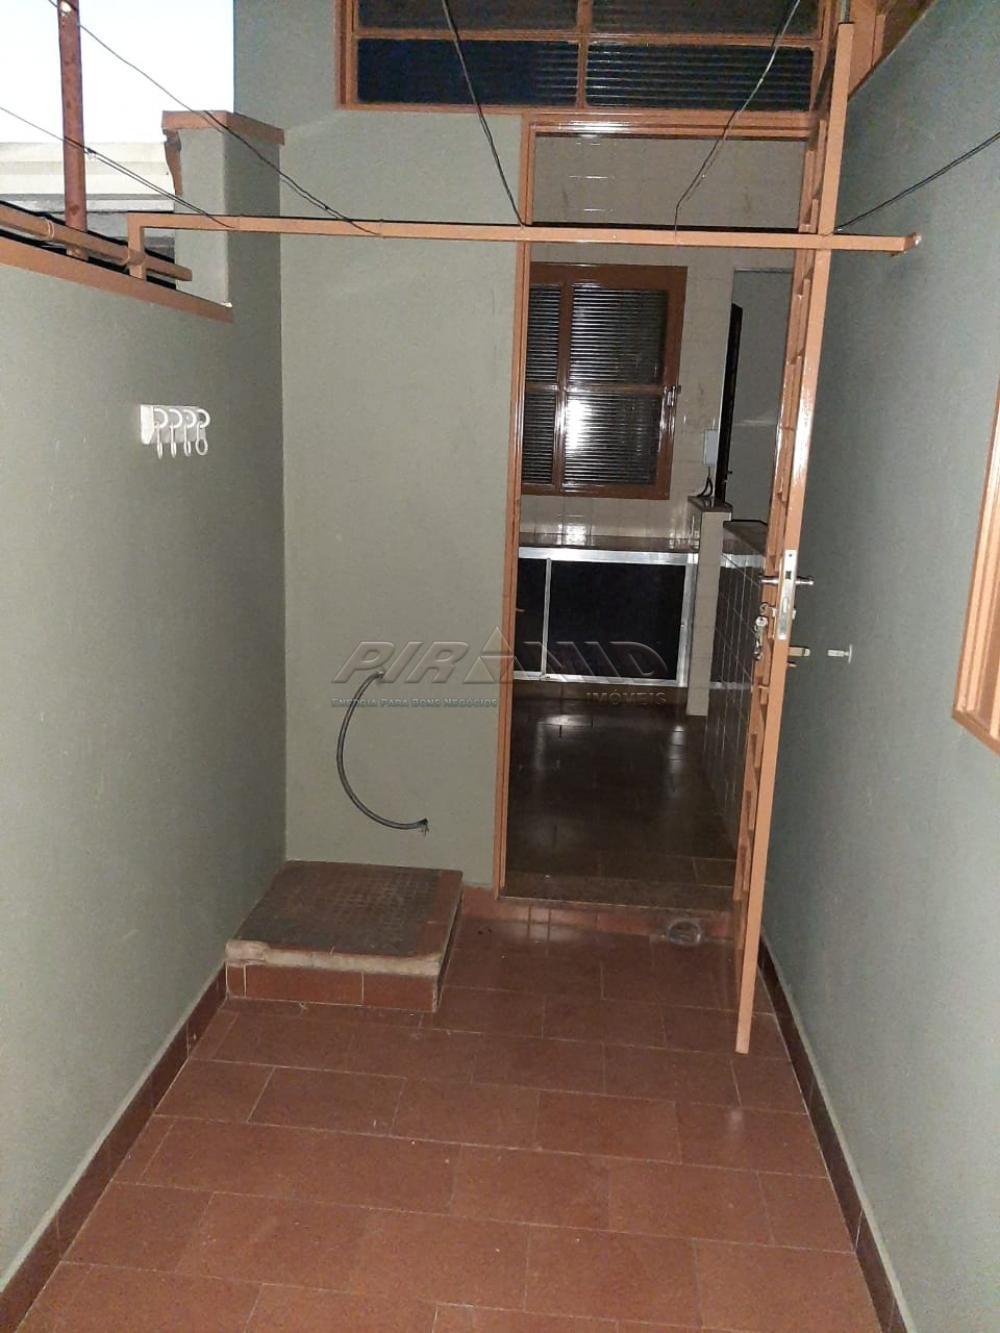 Comprar Casa / Padrão em Ribeirão Preto apenas R$ 200.000,00 - Foto 24